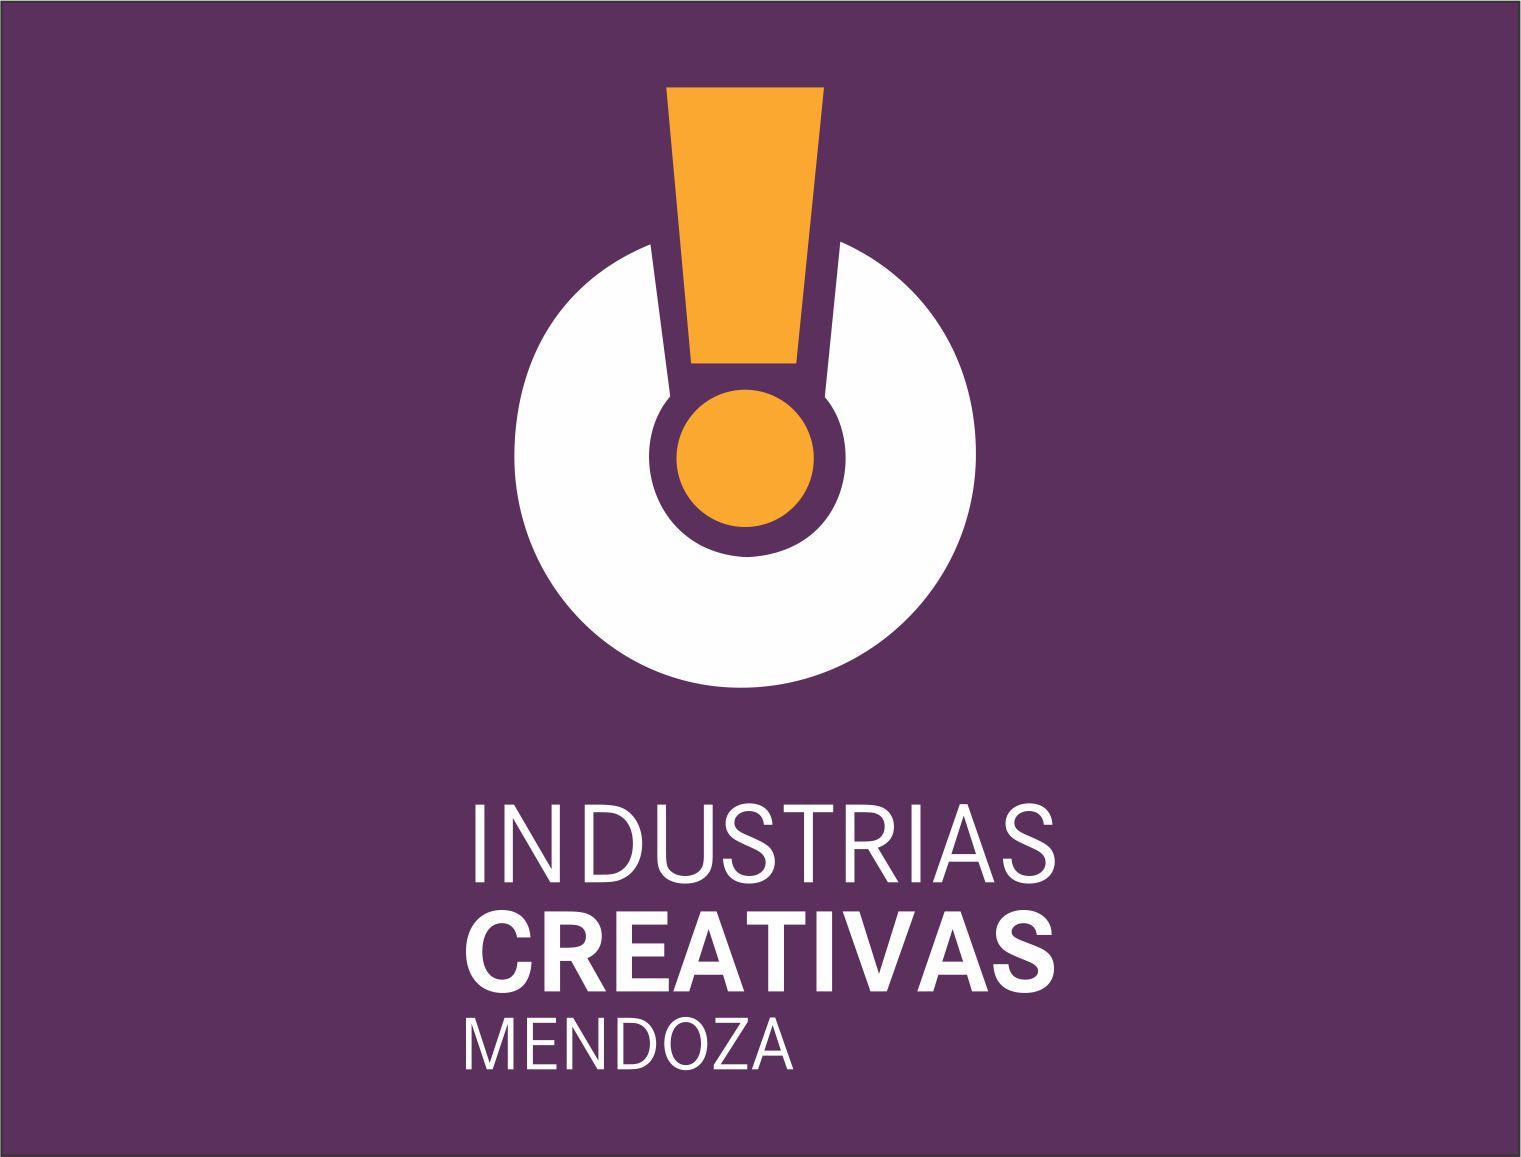 MARCA INDUSTRIAS CREATIVAS MENDOZA